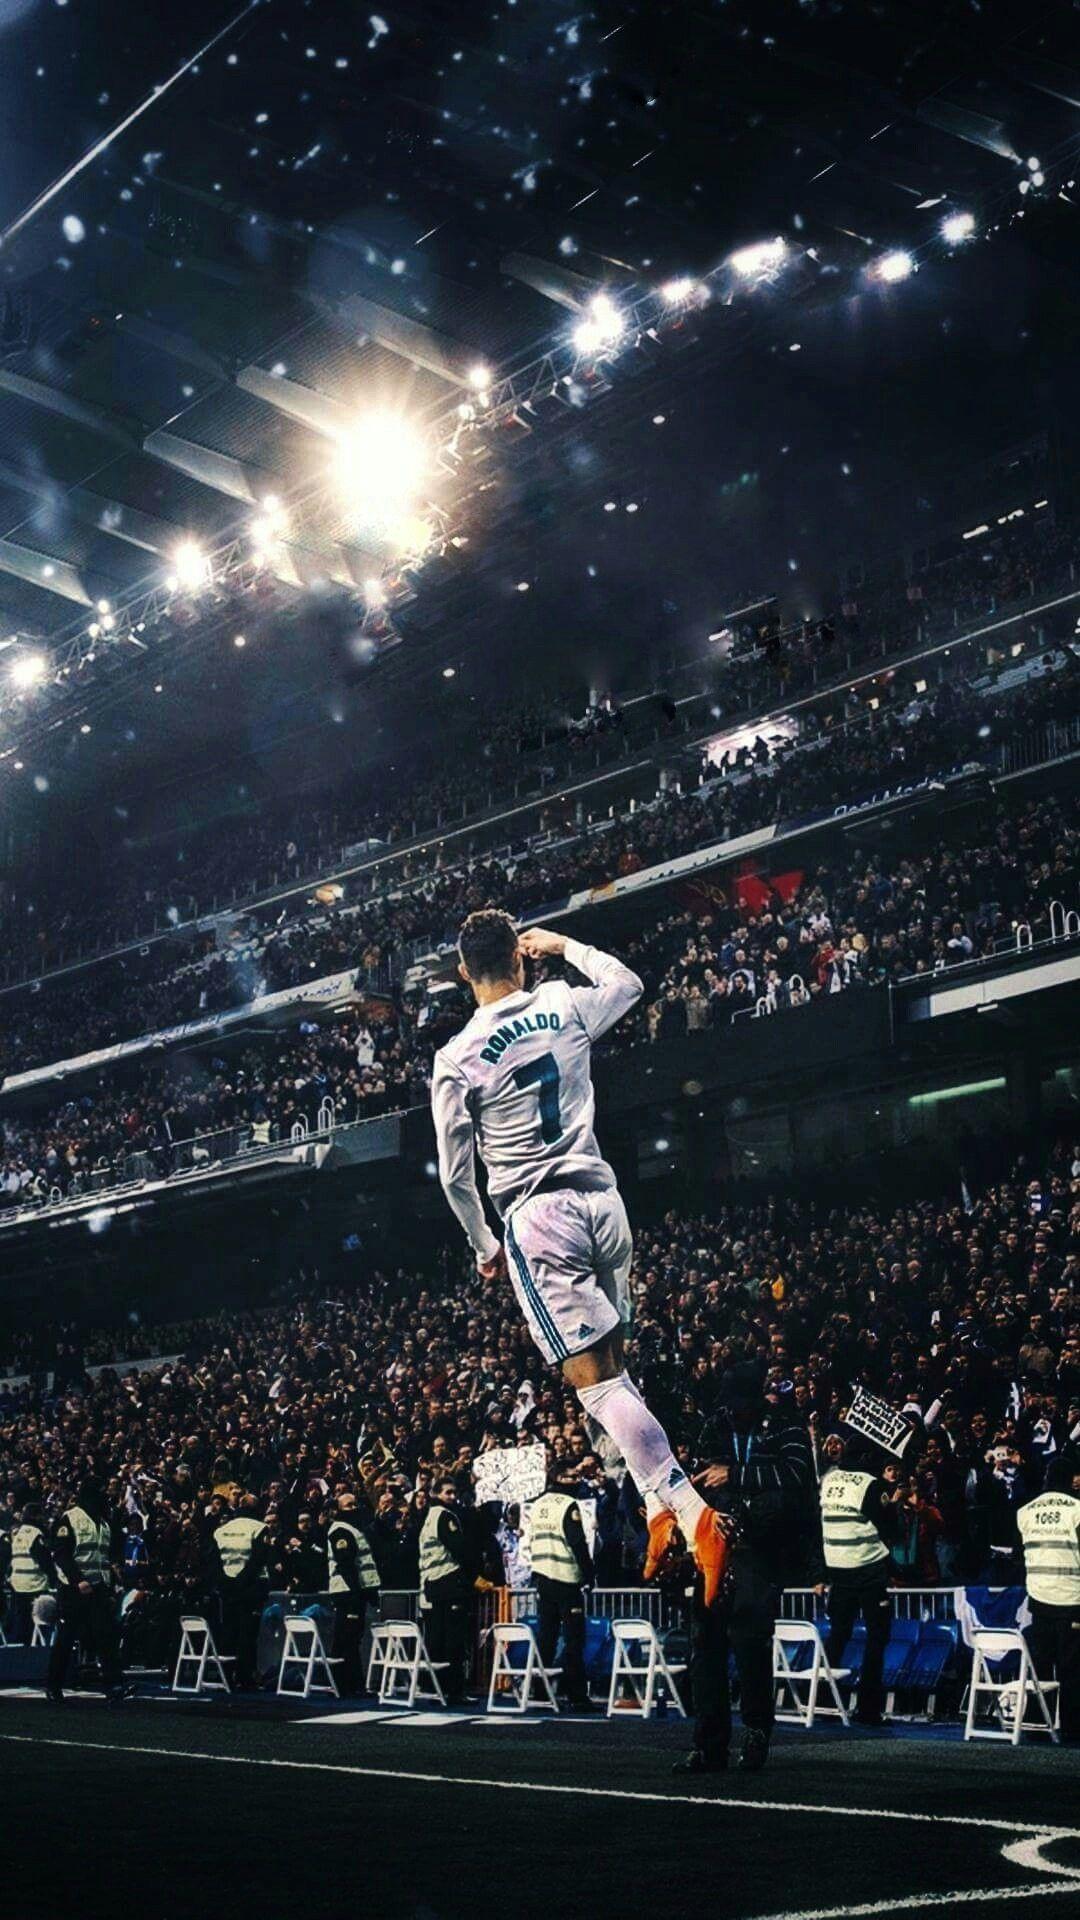 Cristiano-Ronaldo-Football-Goal-Celebration-iPhone